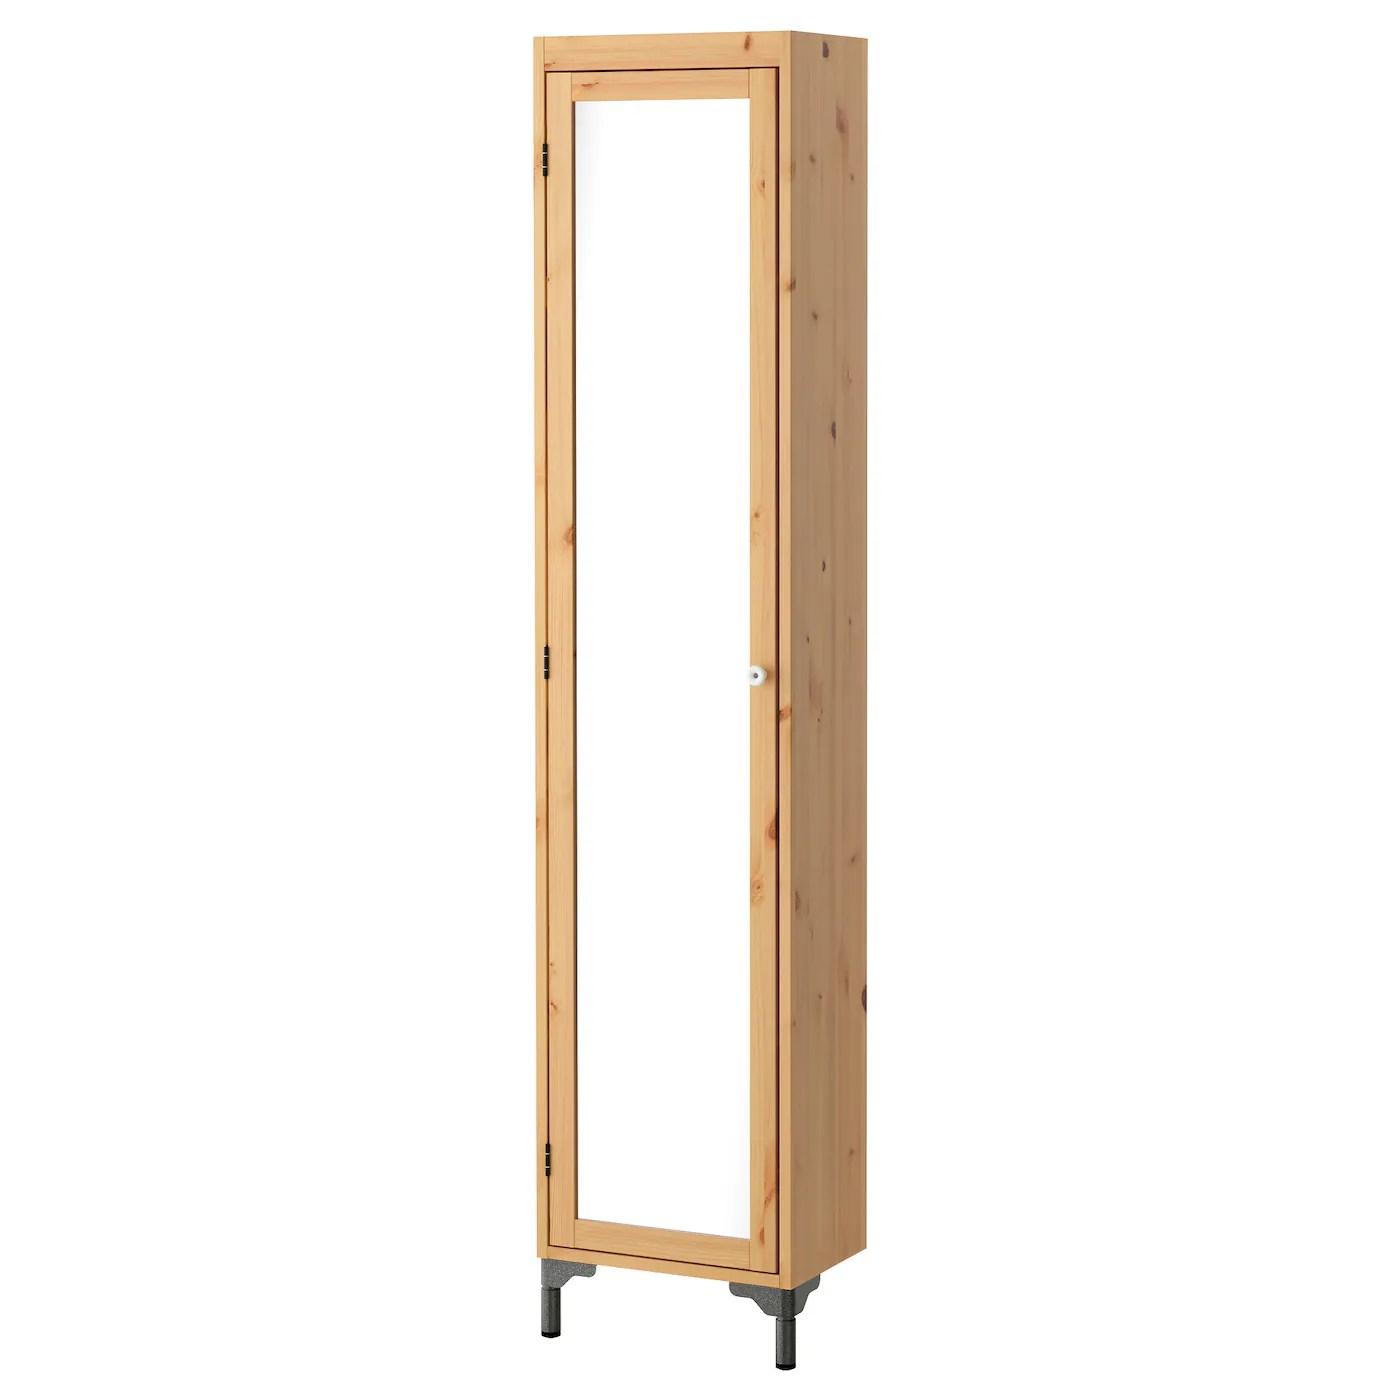 Badkamerkast Met Spiegeldeur.Ikea Kast Met Spiegel Hemnes Hoge Kast Met Spiegeldeur Zwartbruin